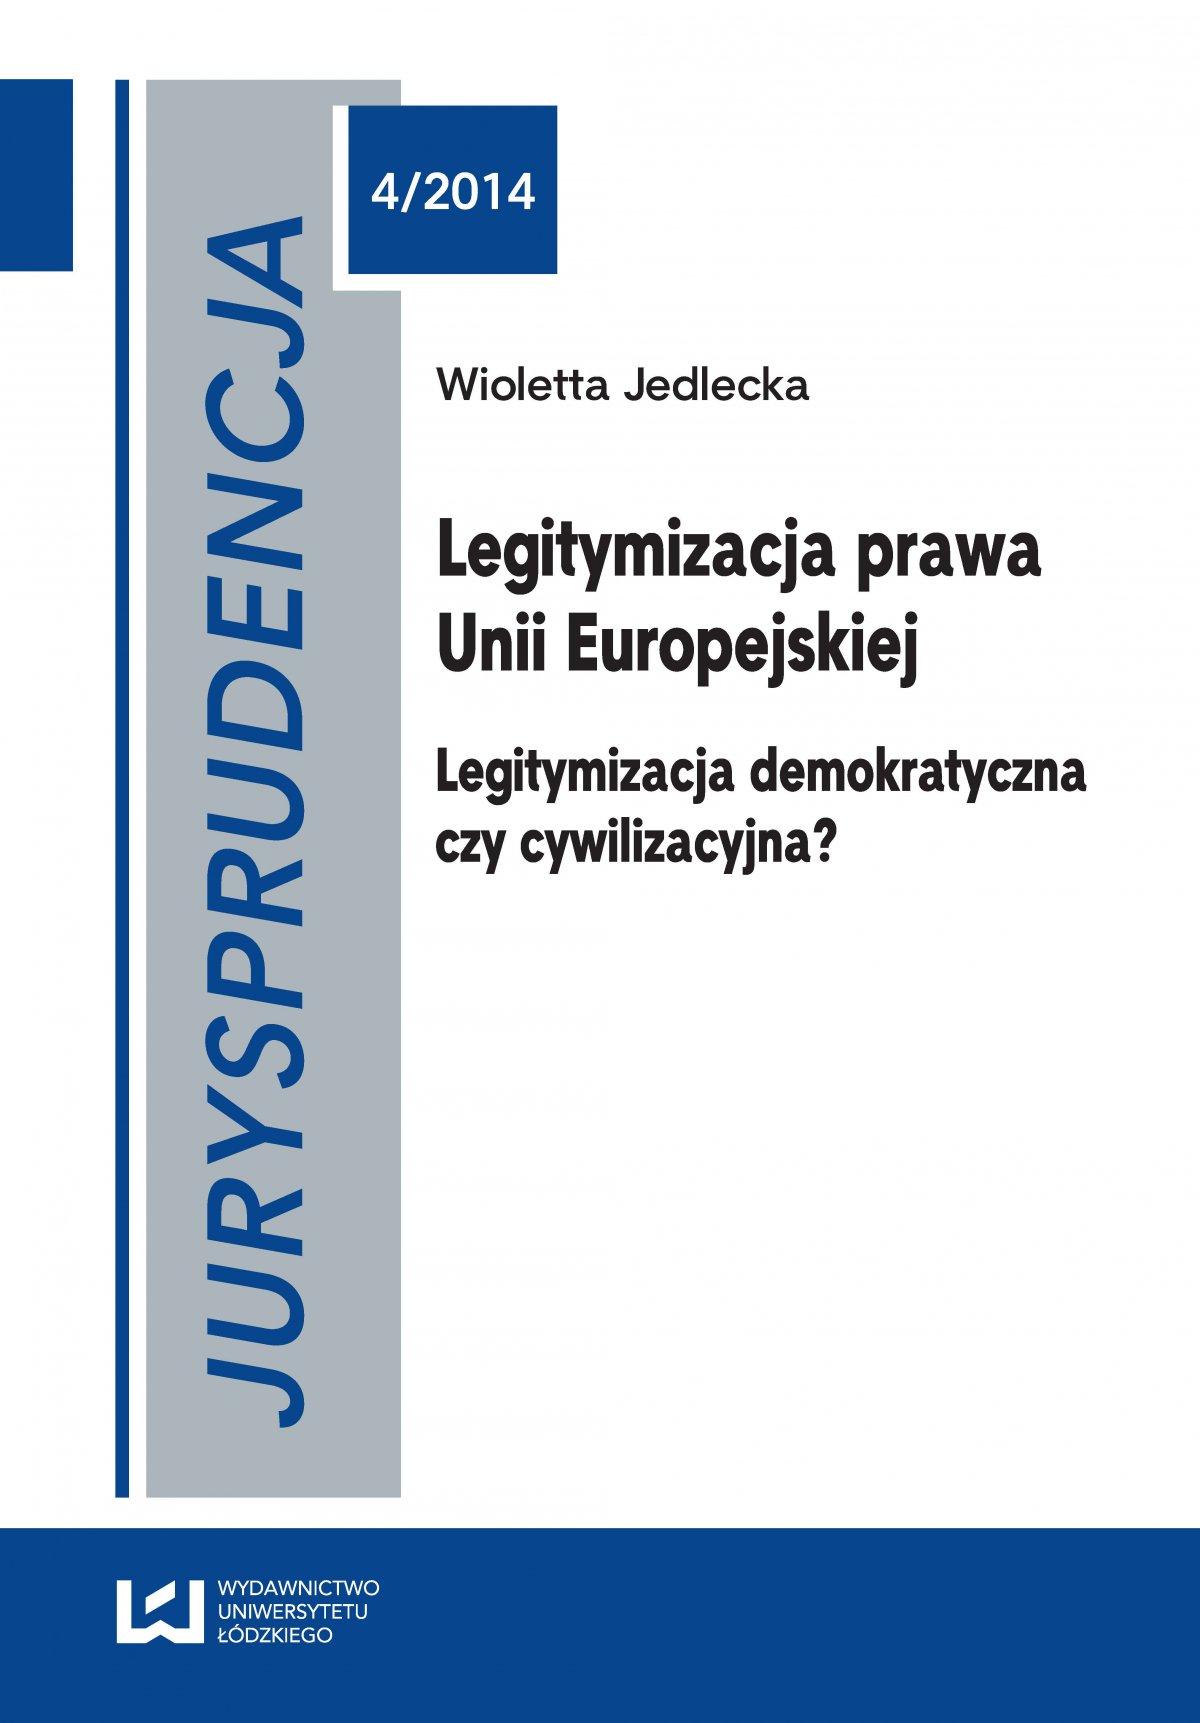 Jurysprudencja 4. Legitymizacja prawa Unii Europejskiej. Legitymizacja demokratyczna czy cywilizacyjna? - Ebook (Książka PDF) do pobrania w formacie PDF